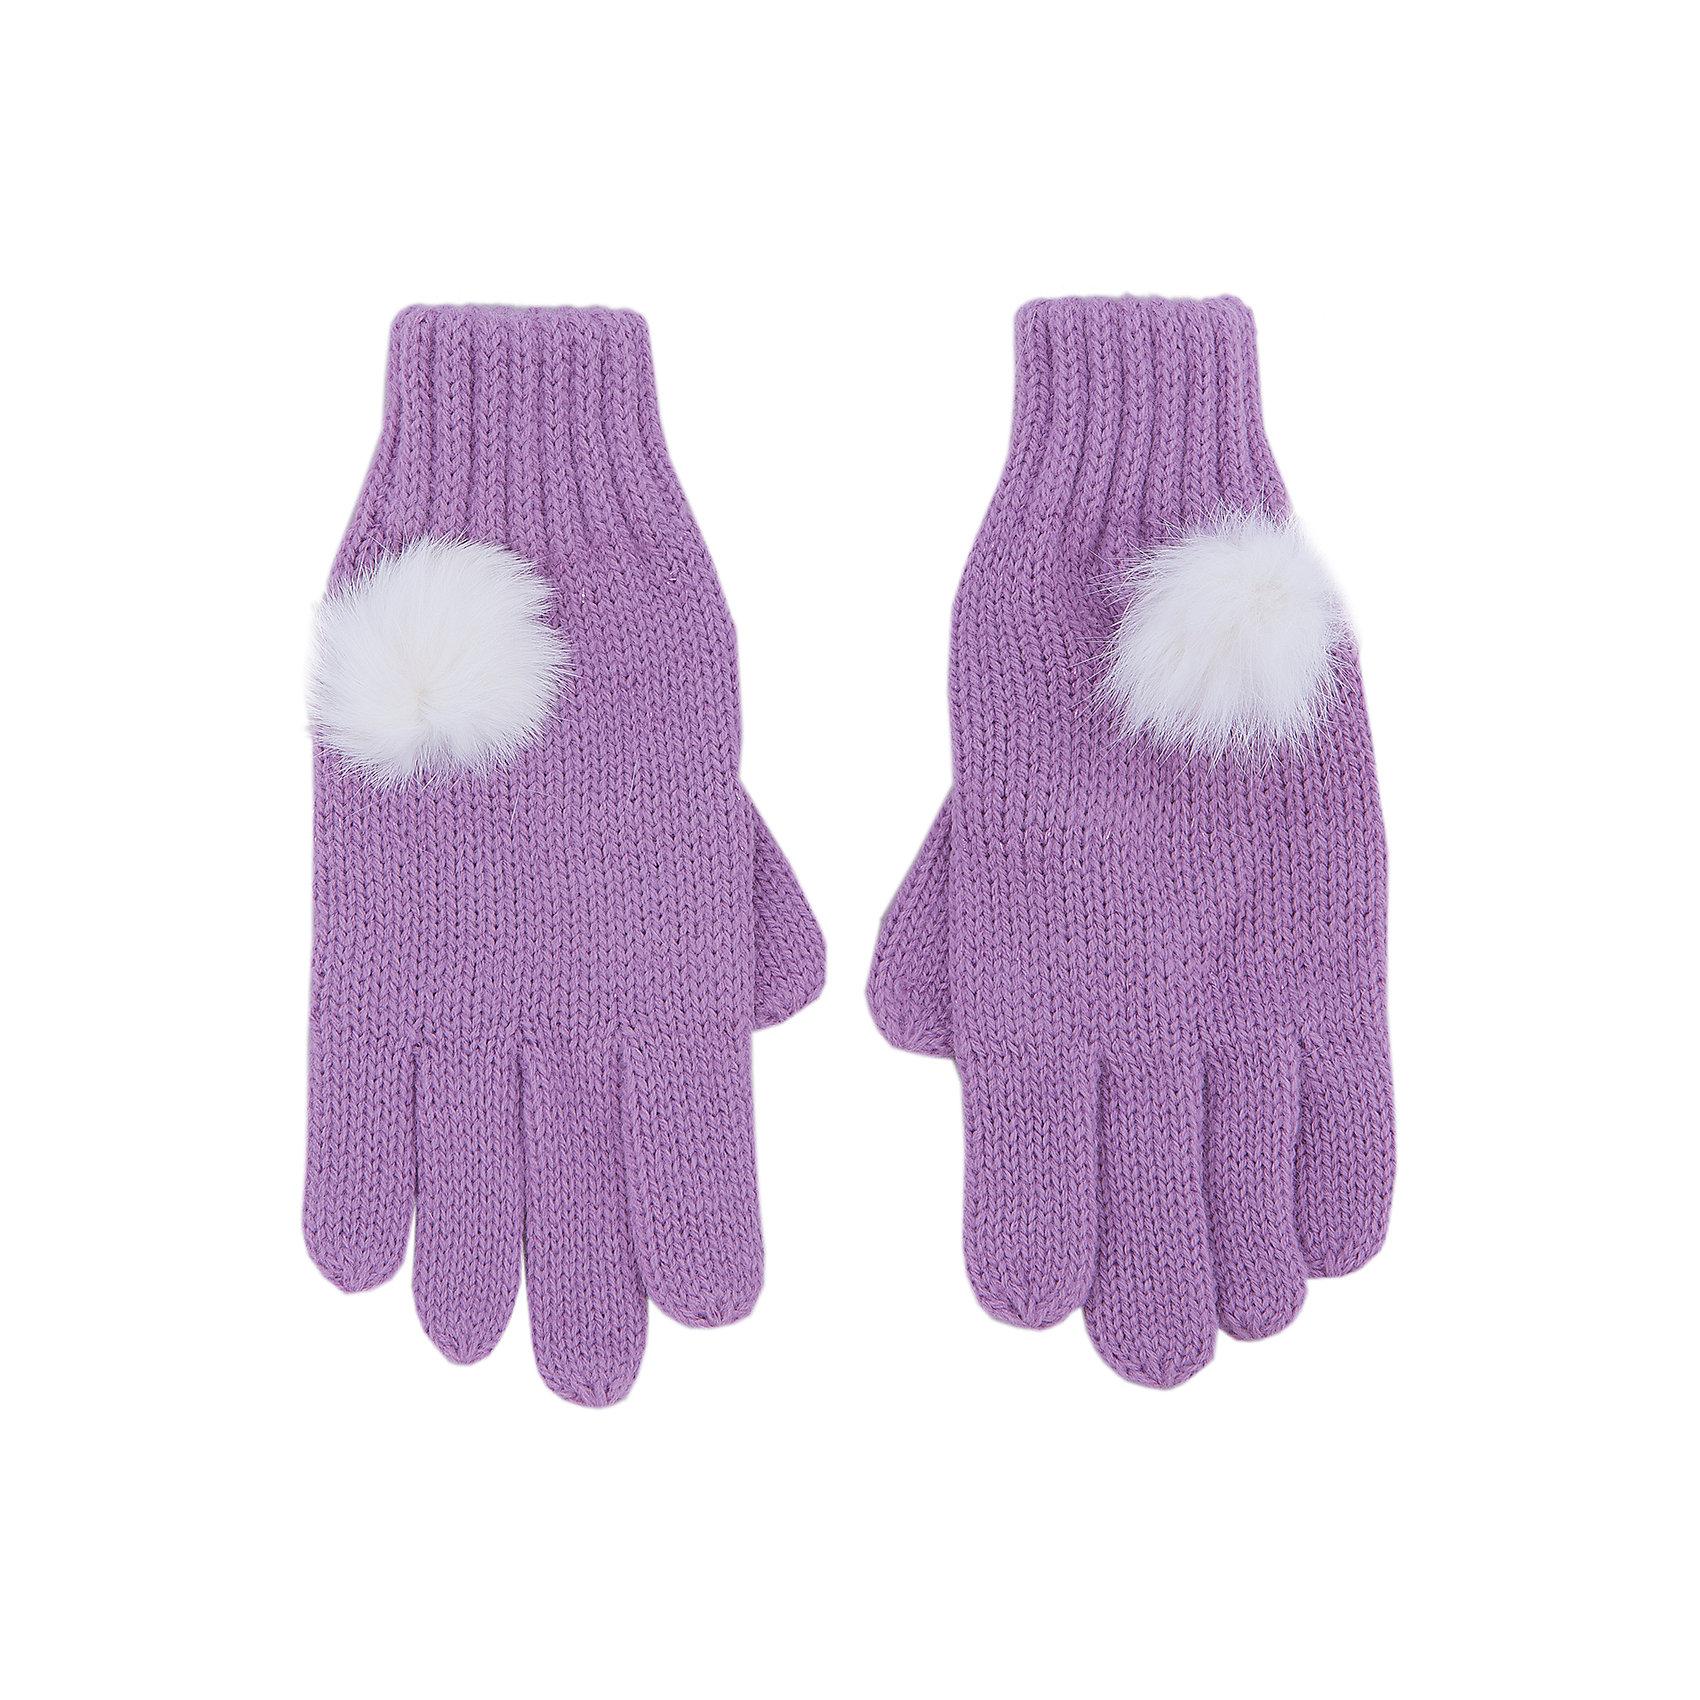 Перчатки для девочки SELAПерчатки, варежки<br>Аксессуары и одежда от SELA - это качество и отличные цены. Перчатки для девочки из новой коллекции будут прекрасным дополнением нового осеннего образа для ребенка. Разнообразное цветовое решение позволит подобрать перчатки на любой вкус. <br>Перчатки выполнены плотной машинной вязкой, что надежно защищает детские руки от холода и ветра. Декоративный меховой элемент белого цвета прочно пришит и добавляет изделию оригинальности.  <br>Все материалы, использованные в создании изделия,  отвечают современным требованиям по качеству и безопасности продукции. <br><br>Дополнительная информация:<br><br>цвет: фиалковый;<br>состав: 98% акрил, 2% люрекс.<br><br>Перчатки для девочки от компании SELA можно купить в нашем магазине.<br><br>Ширина мм: 162<br>Глубина мм: 171<br>Высота мм: 55<br>Вес г: 119<br>Цвет: фиолетовый<br>Возраст от месяцев: 60<br>Возраст до месяцев: 96<br>Пол: Женский<br>Возраст: Детский<br>Размер: 14,16<br>SKU: 4913019